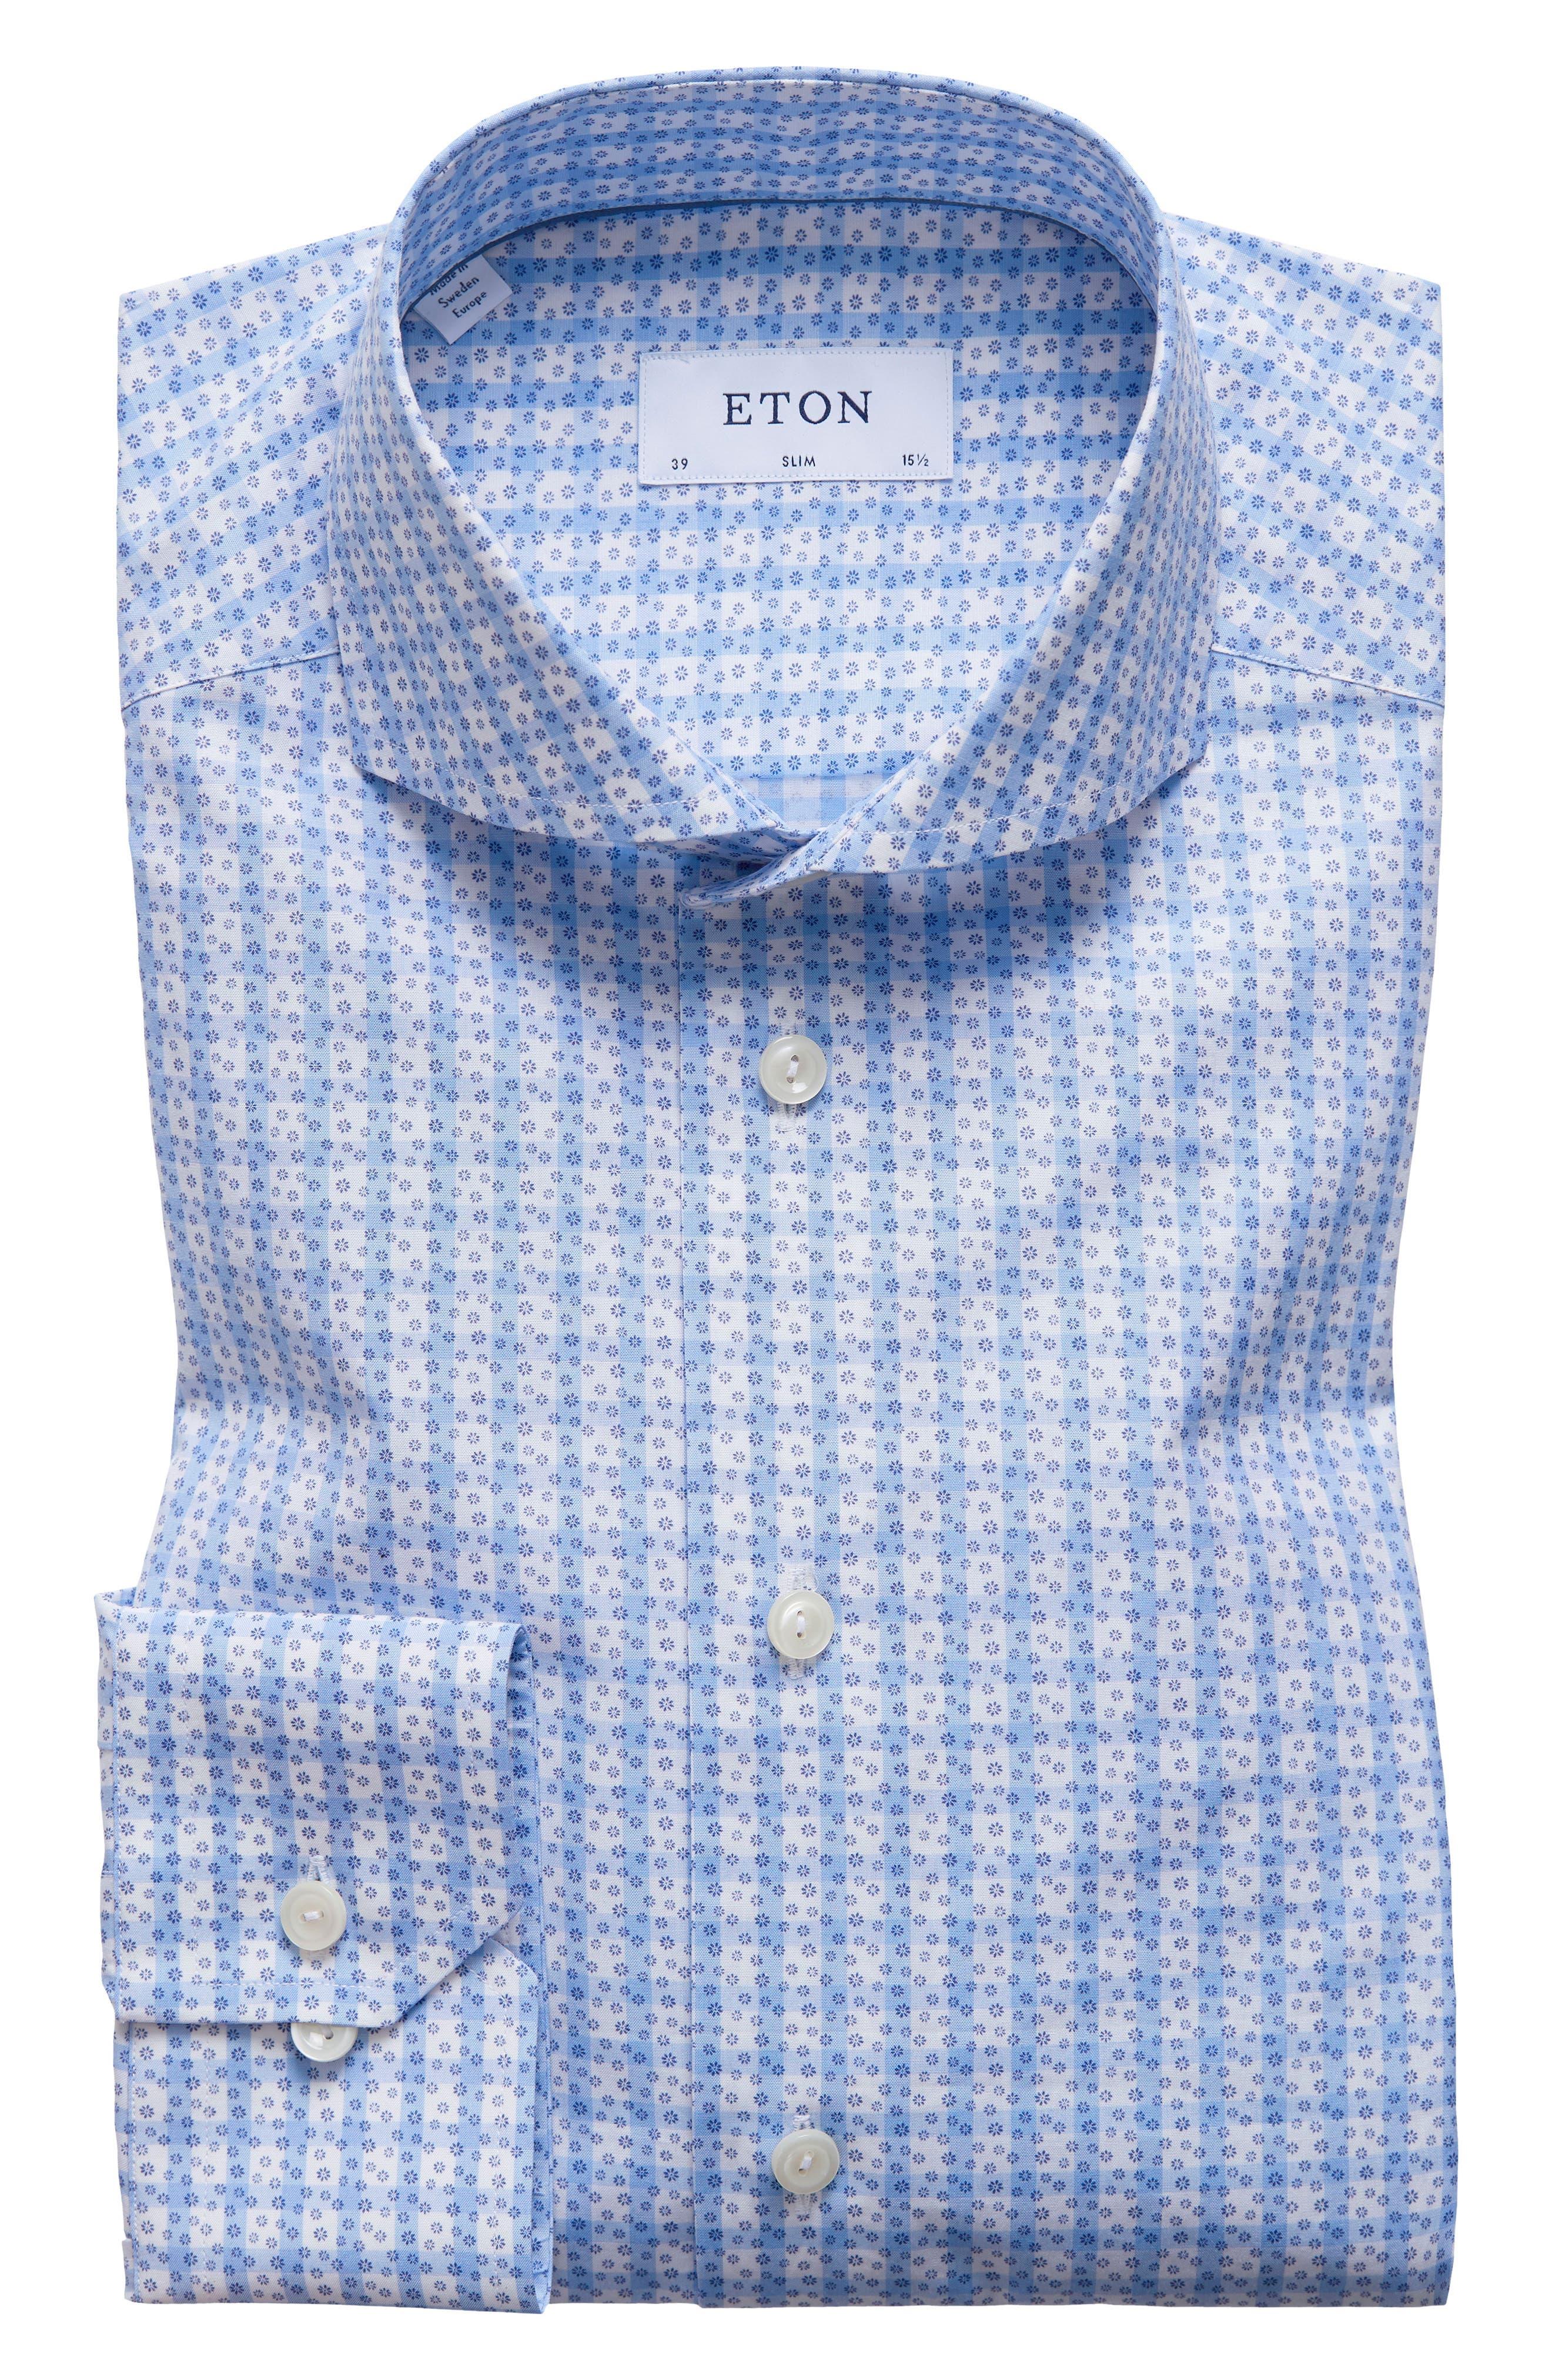 Main Image - Eton Slim Fit Geometric Dress Shirt